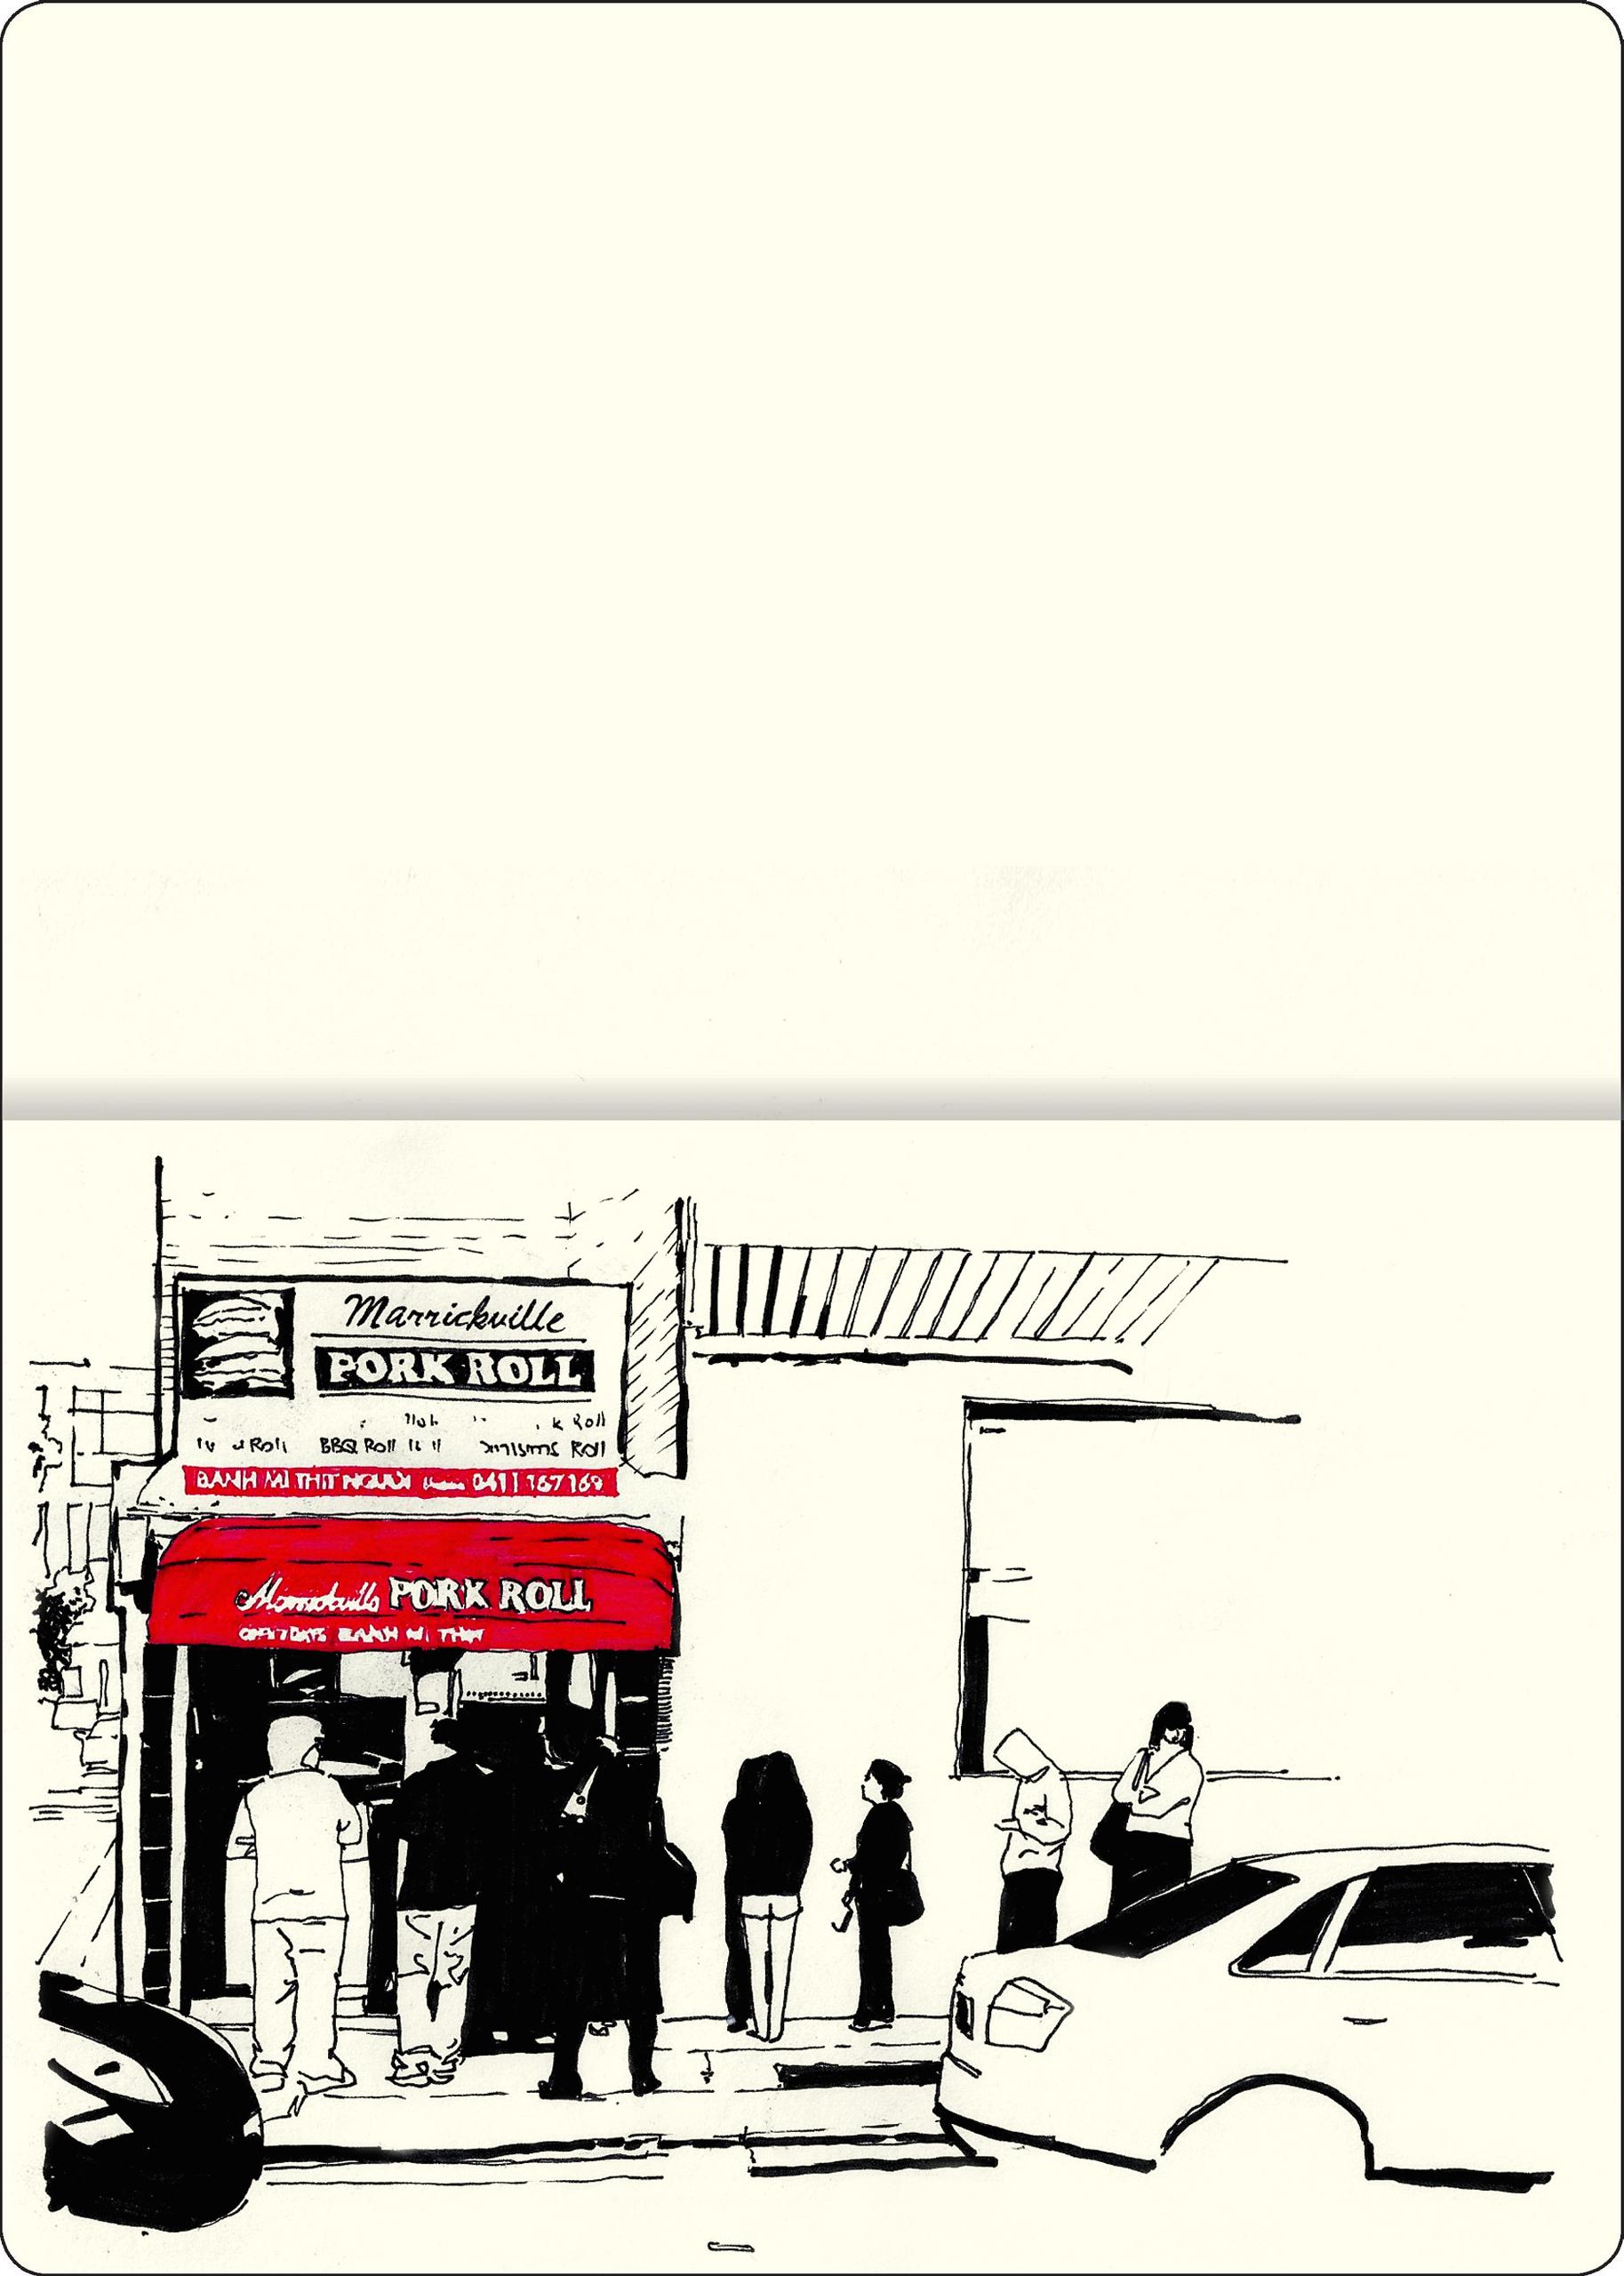 Streetscene / Marrickville